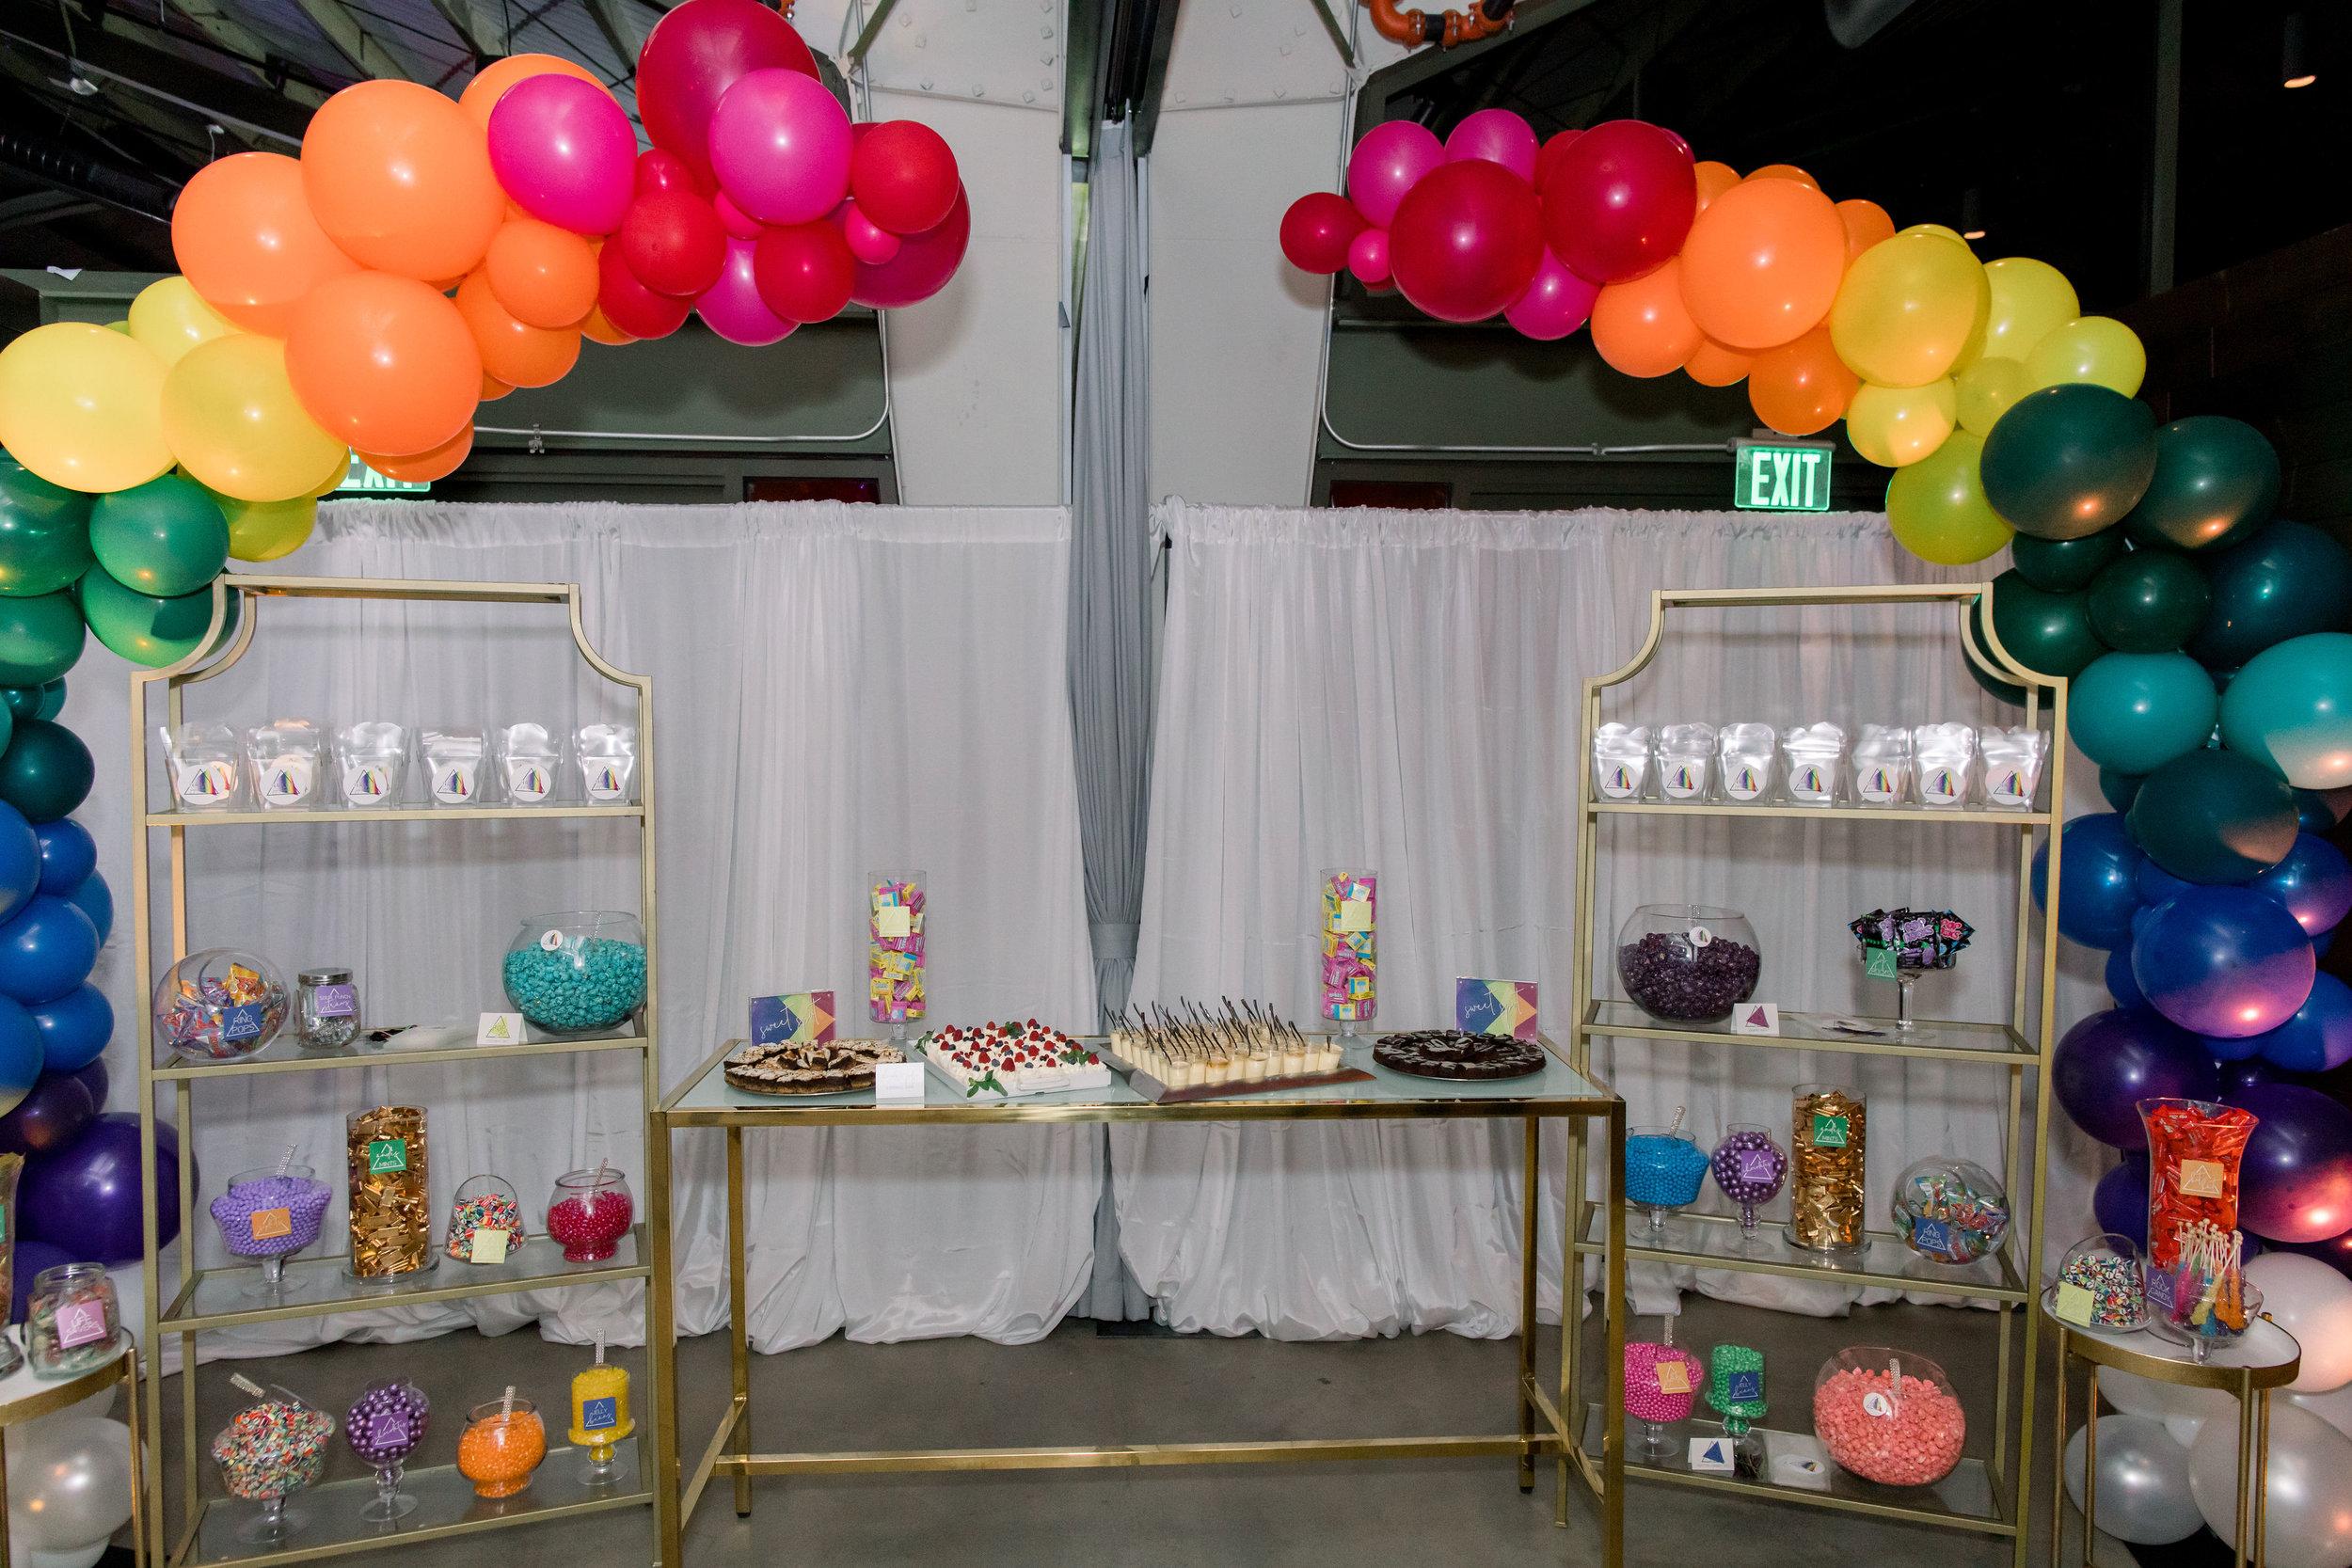 44 candy bar choose your own candy rainbow balloon arch rainbow candy dessert bar rainbow bat mitzvah party Life Design Events photos by Stephanie Heymann Photography.jpg